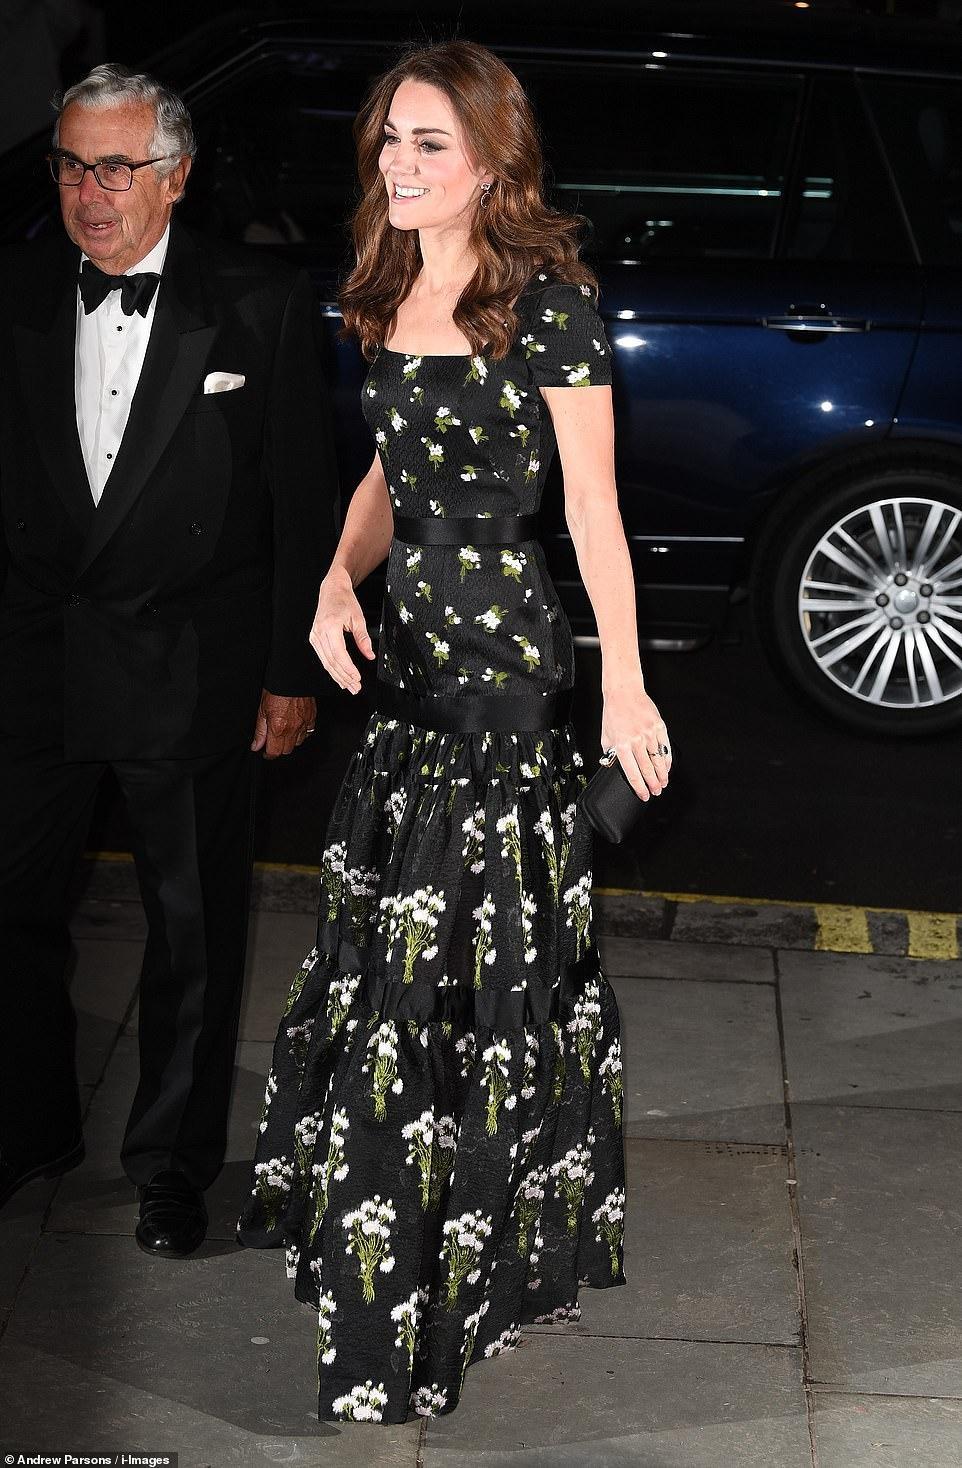 Công nương Kate Middleton đẹp hút mắt, thả dáng thon với đầm thướt tha Ảnh 1